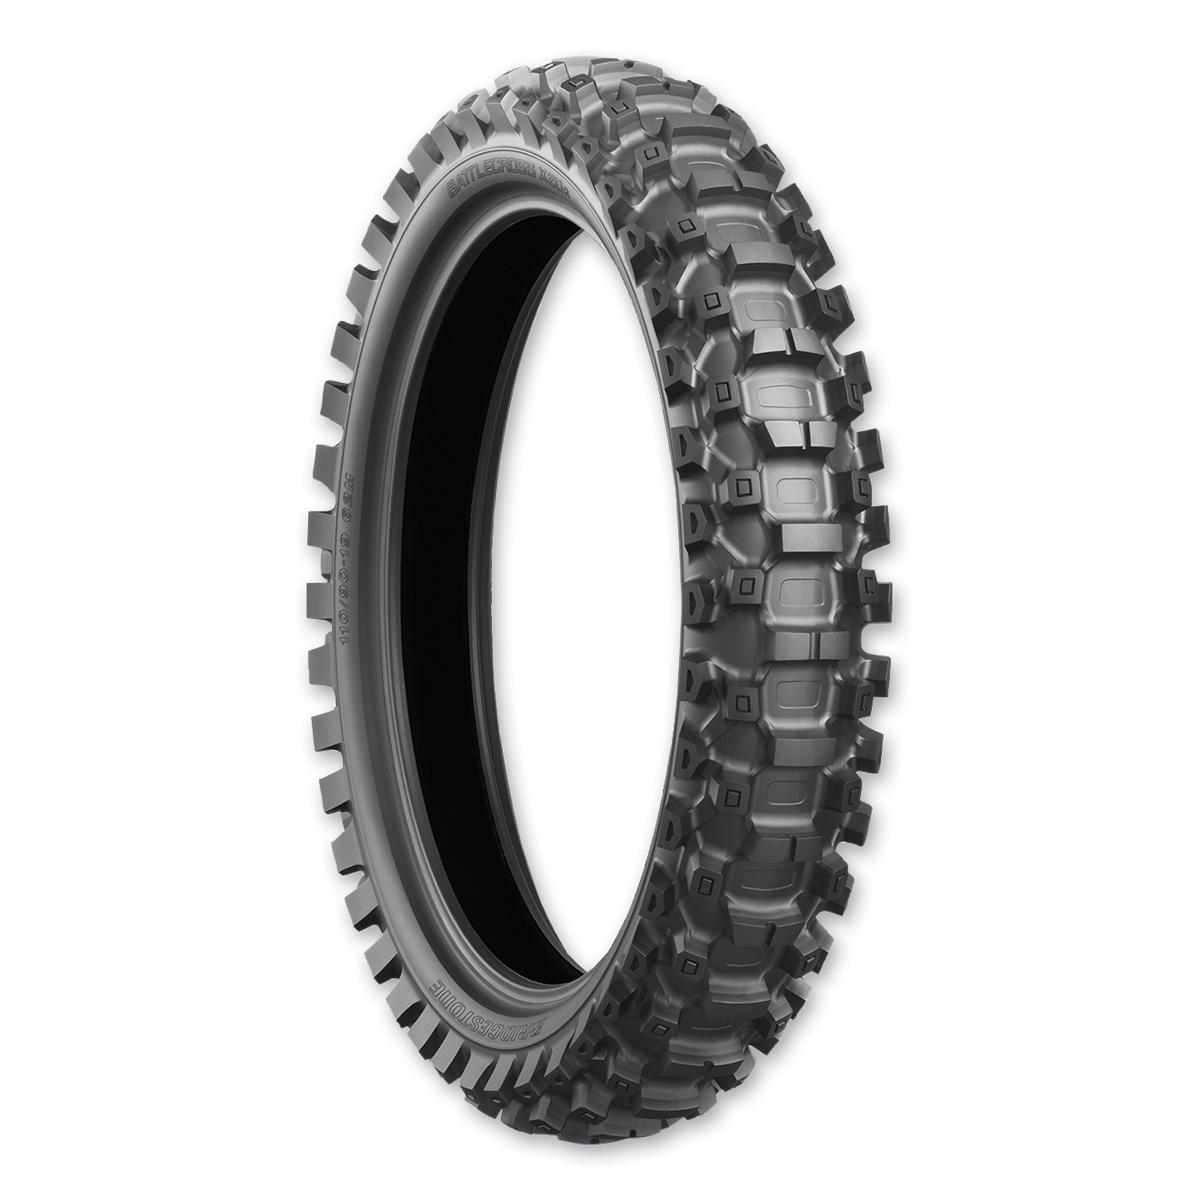 Bridgestone Battlecross X20 100/90-19 S/T Rear Tire